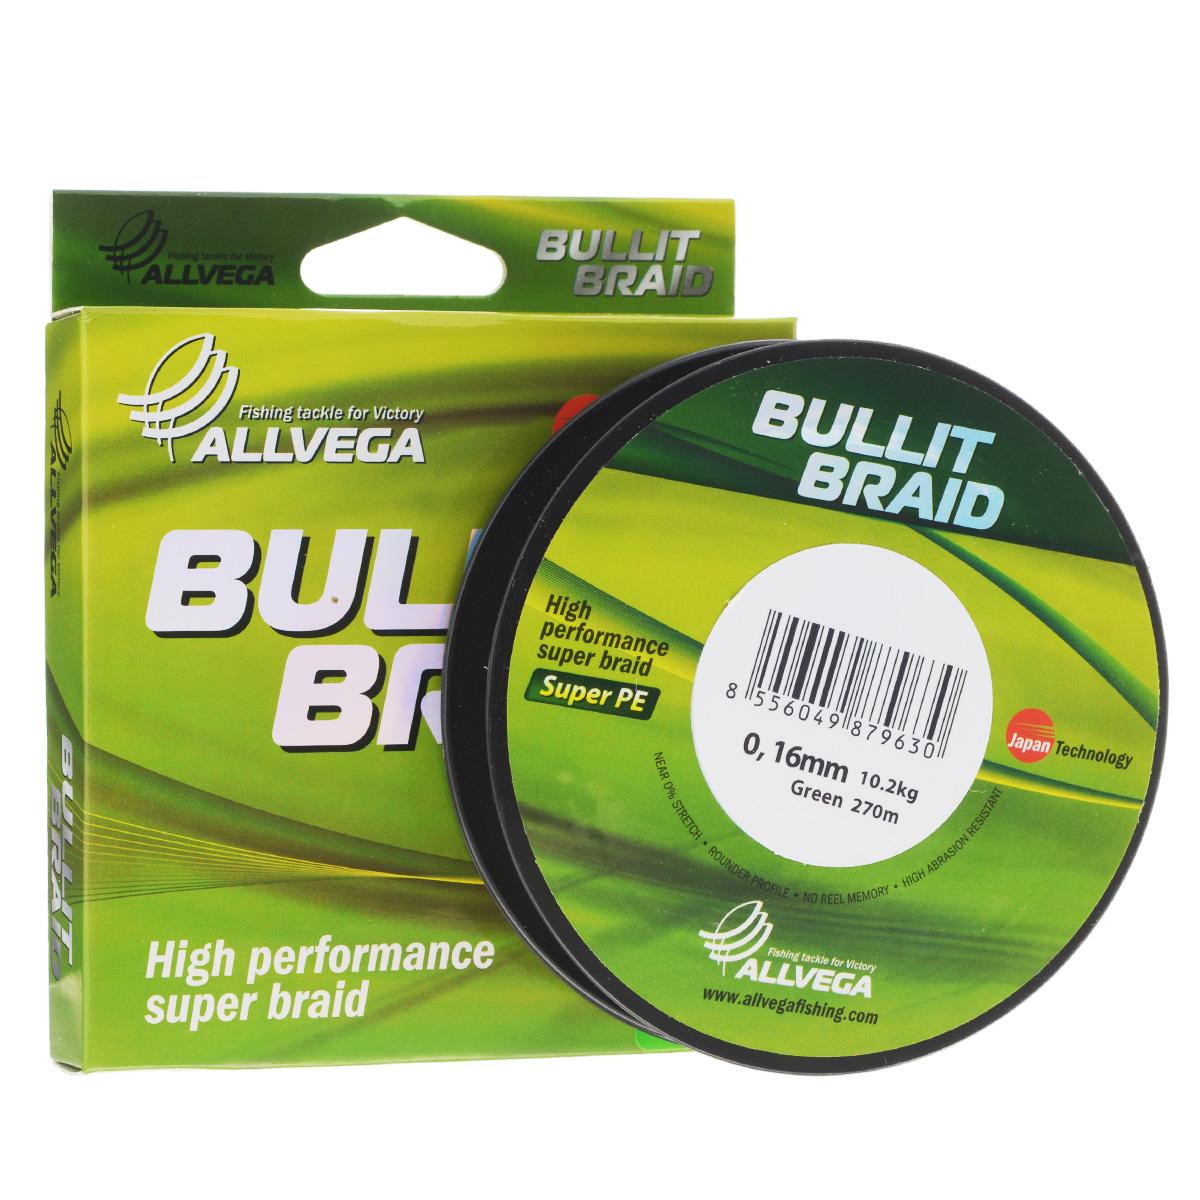 Леска плетеная Allvega Bullit Braid, цвет: темно-зеленый, 270 м, 0,16 мм, 10,2 кг010-01199-23Леска Allvega Bullit Braid с гладкой поверхностью и одинаковым сечением по всей длине обладает высокой износостойкостью. Благодаря микроволокнам полиэтилена (Super PE) леска имеет очень плотное плетение и не впитывает воду. Леску Allvega Bullit Braid можно применять в любых типах водоемов. Особенности:повышенная износостойкость;высокая чувствительность - коэффициент растяжения близок к нулю;отсутствует память; идеально гладкая поверхность позволяет увеличить дальность забросов; высокая прочность шнура на узлах.